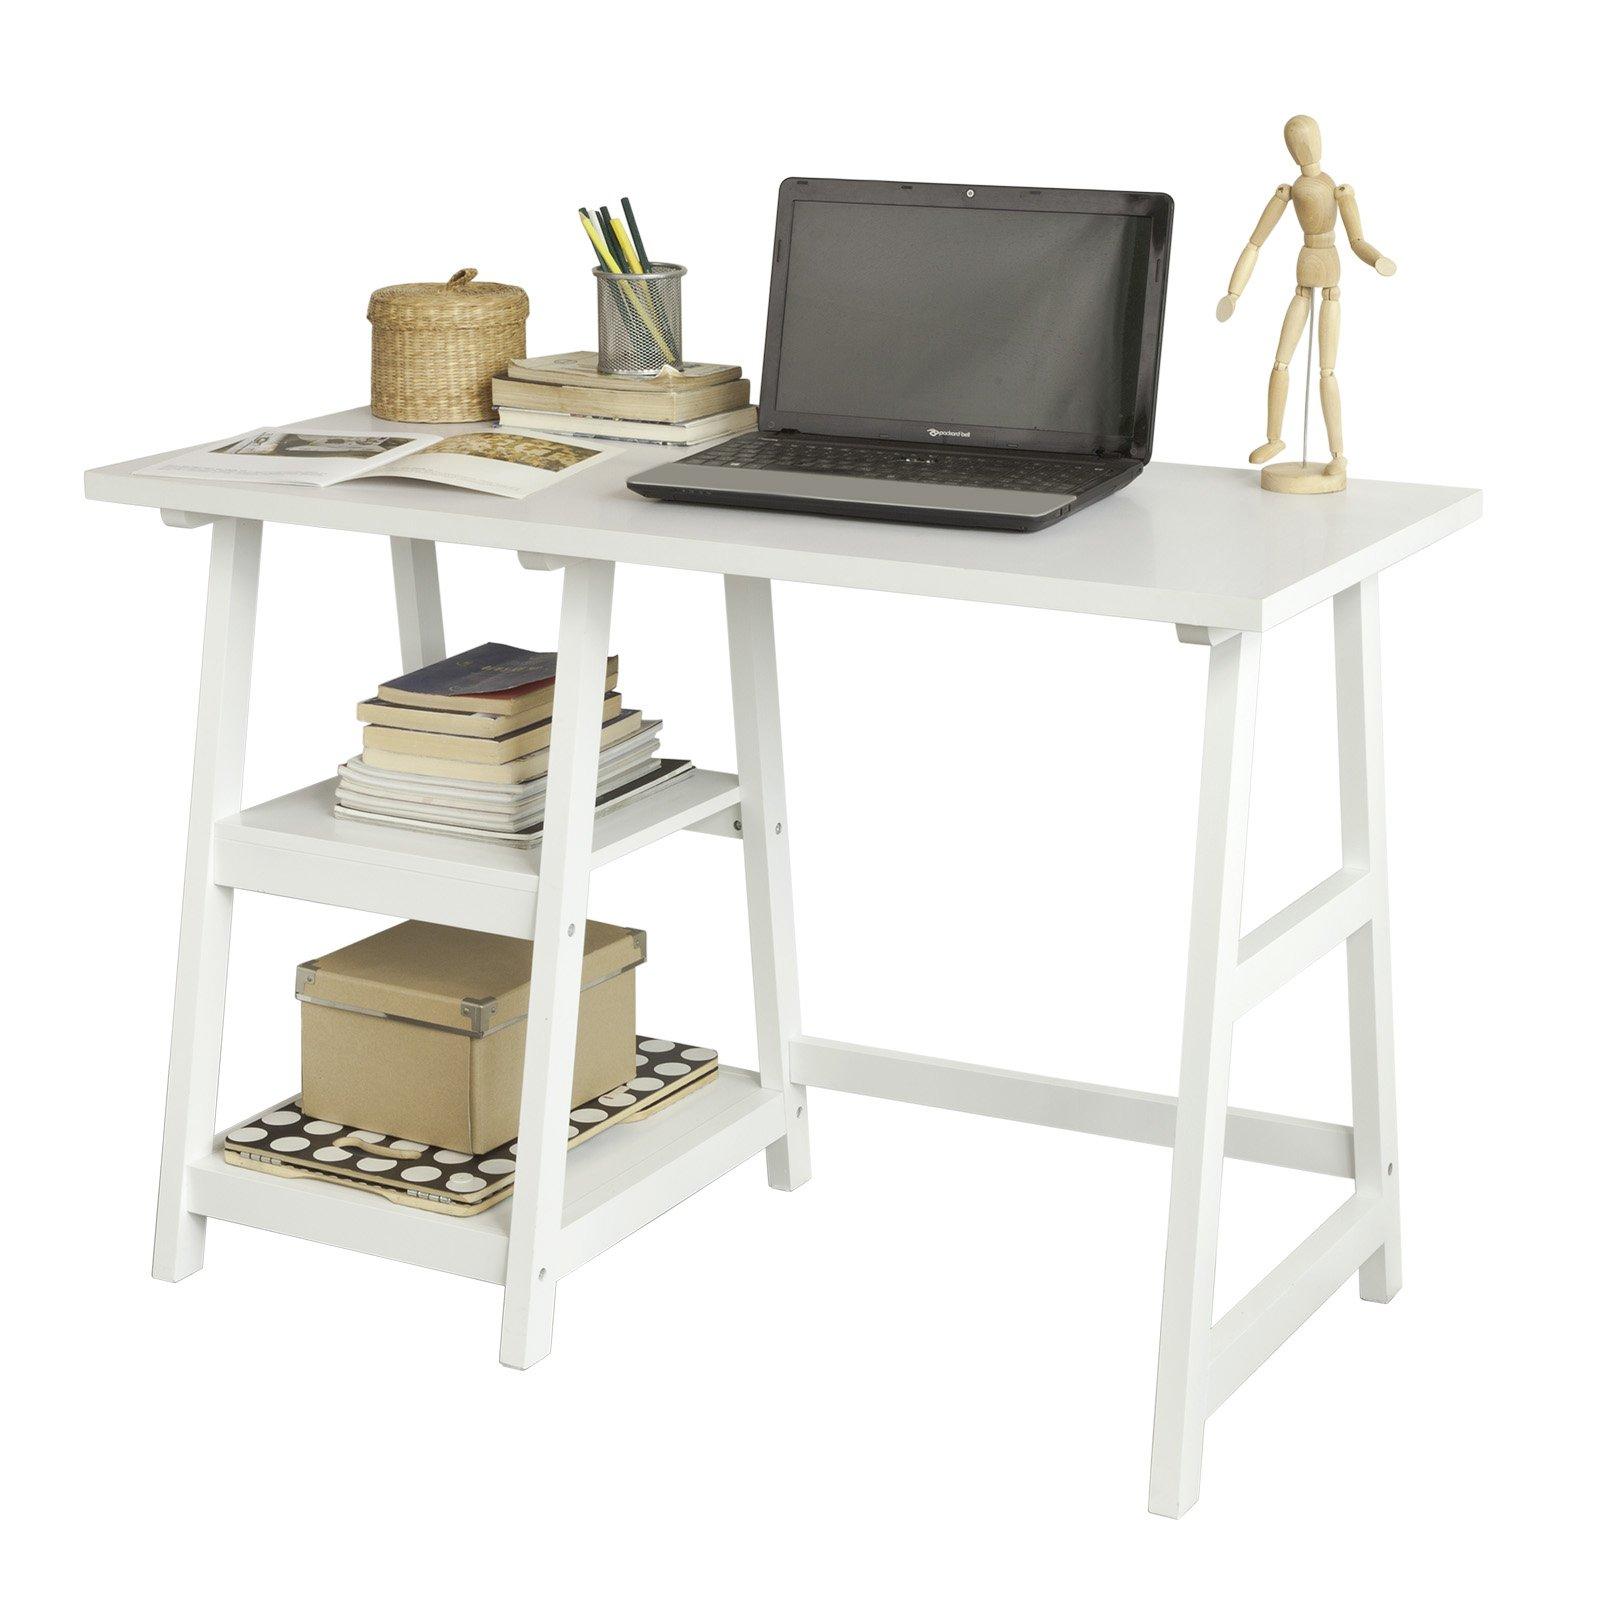 SoBuy® FWT16-W Bureau Informatique Plan de Travail Table Secrétaire Table pour Ordinateur avec 2 Étagères - Blanc product image